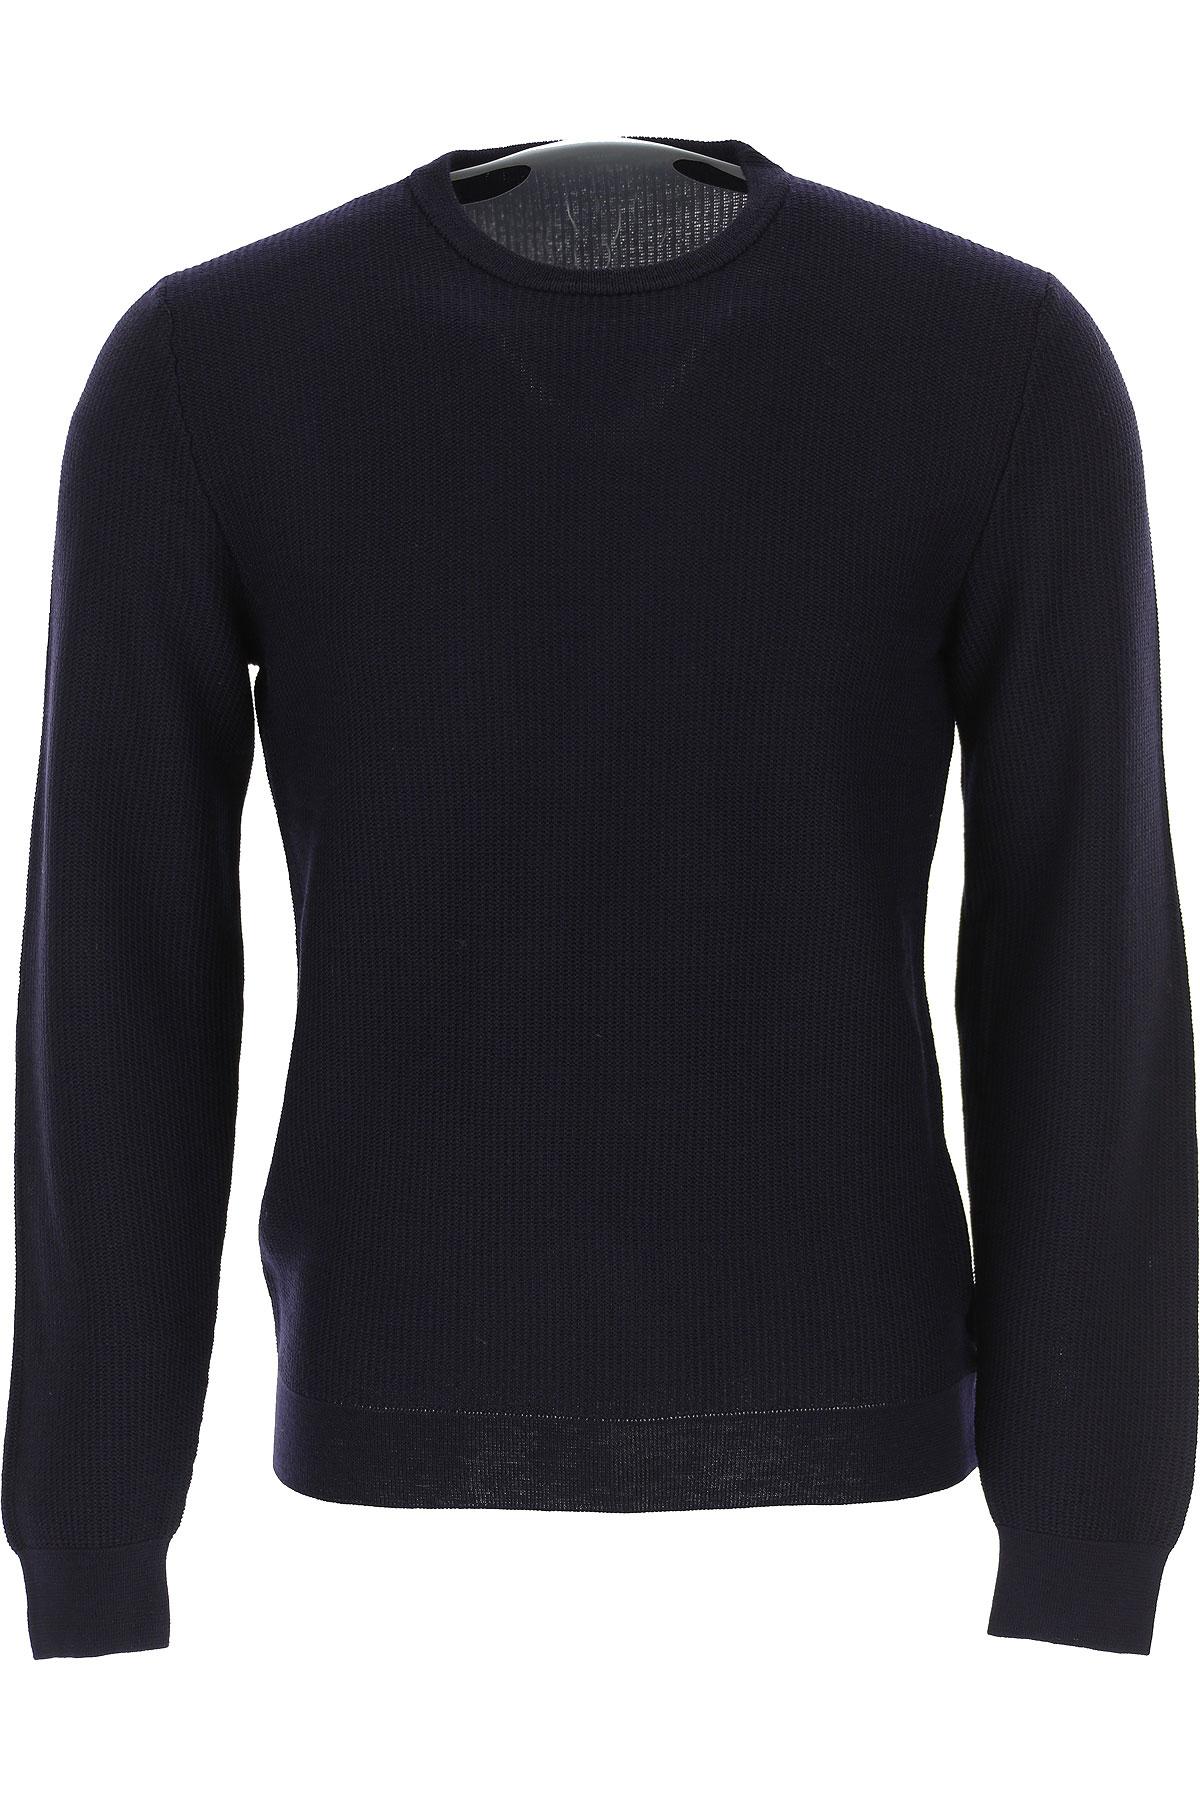 Zanone Sweater for Men Jumper On Sale, Midnight Blue, Virgin wool, 2019, L M S